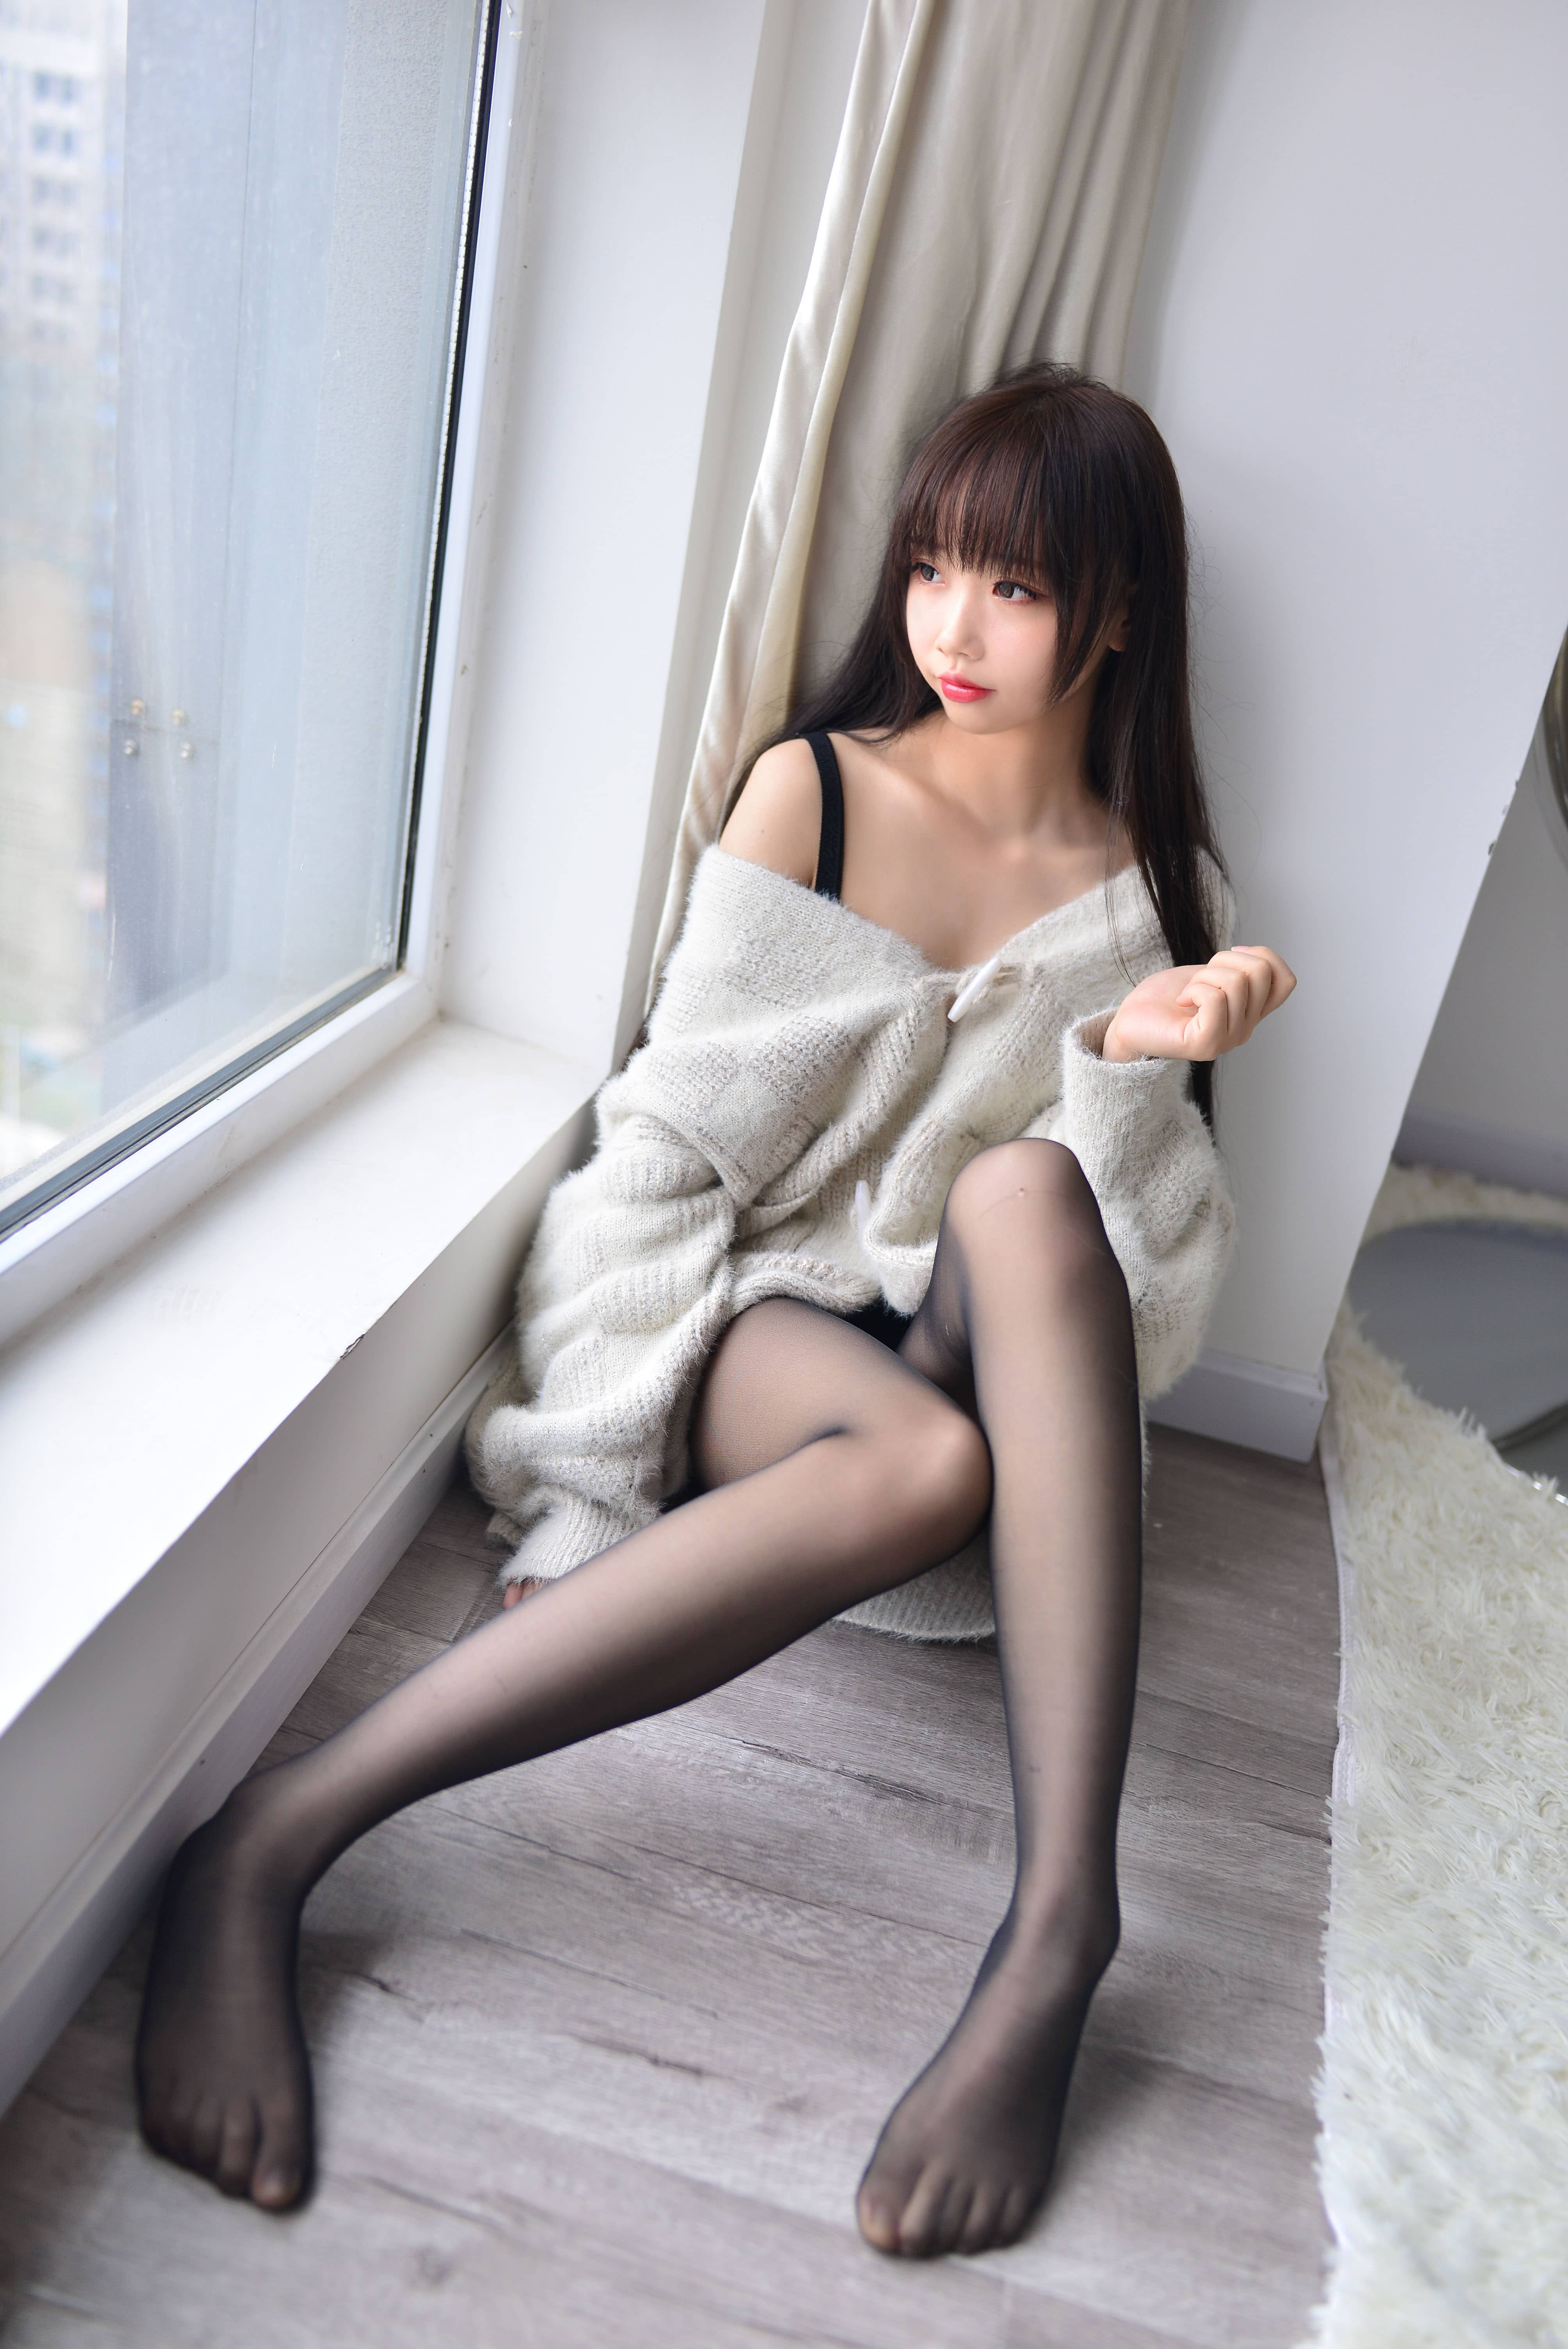 【雪琪sama】喜欢穿毛衣的美女coser本子 次元美图